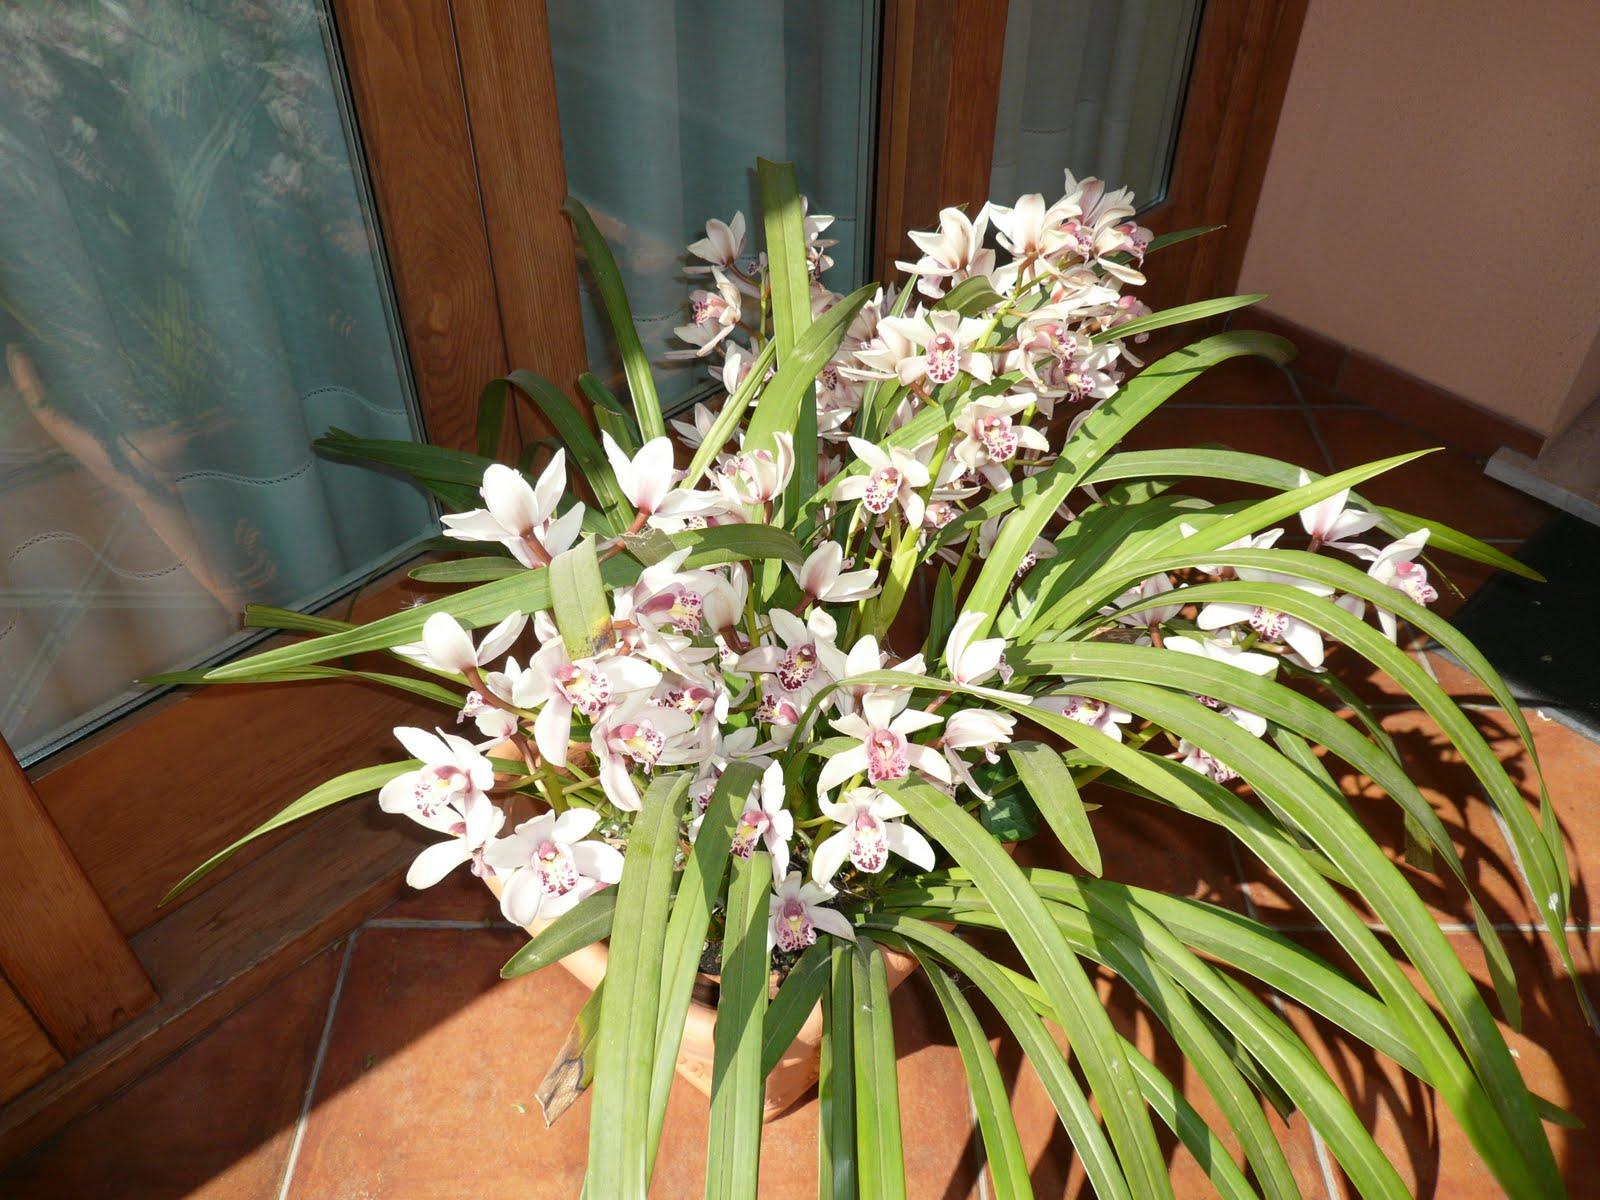 Giardini in gallura orchidea cymbidium in vaso all 39 aperto - Orchidea da esterno cymbidium ...